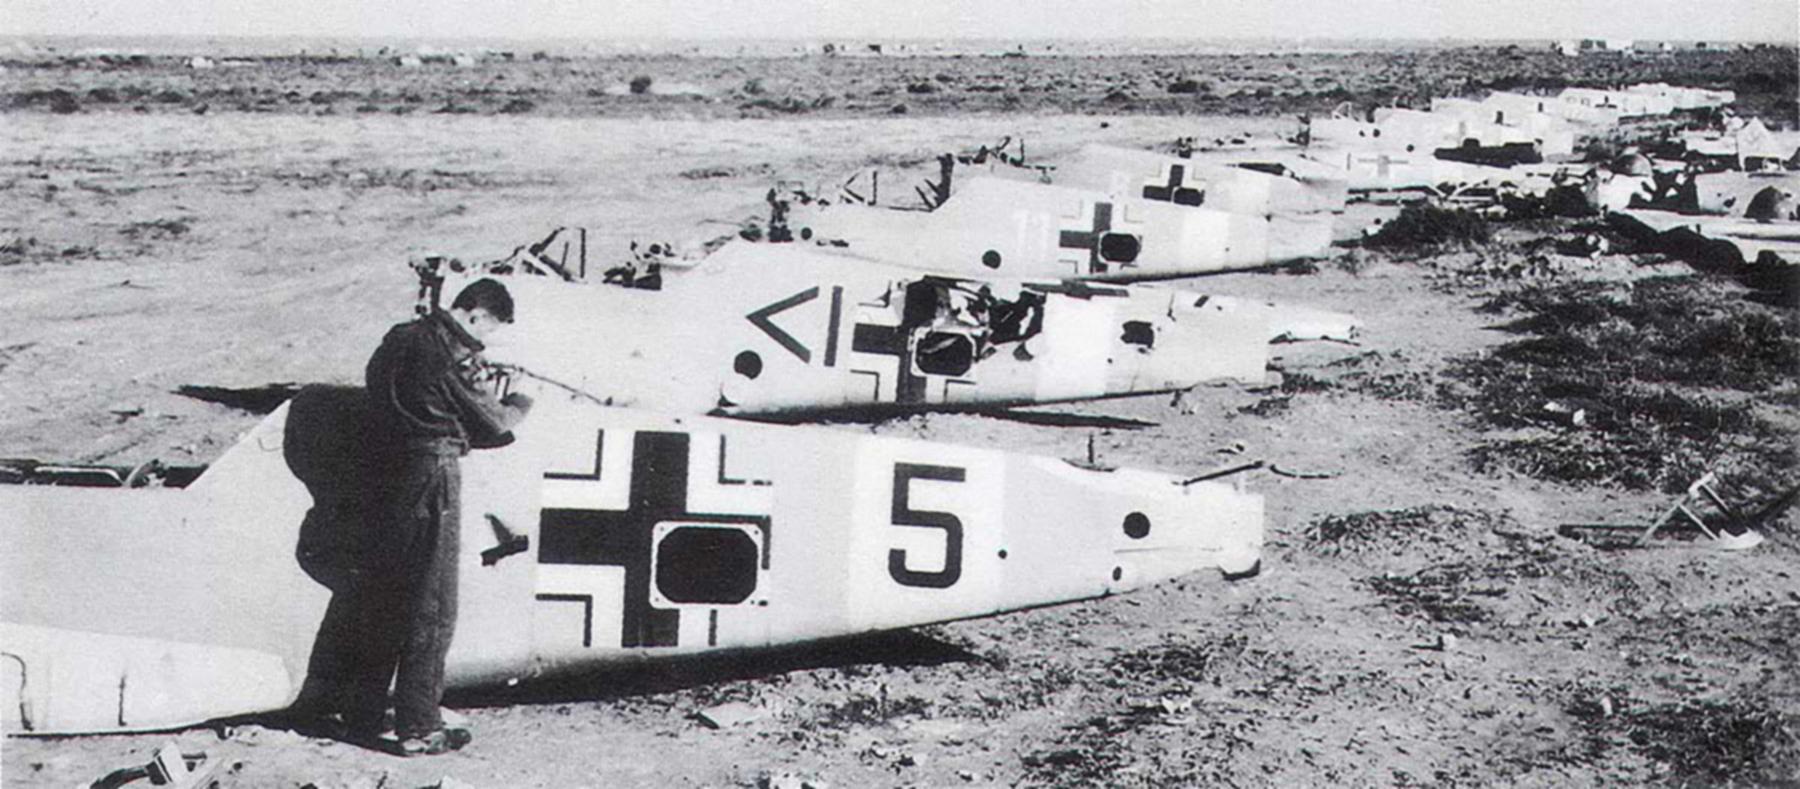 Messerschmitt Bf 109F4Trop abandoned airframes mostly from JG27 Gambut Libya 1942 01